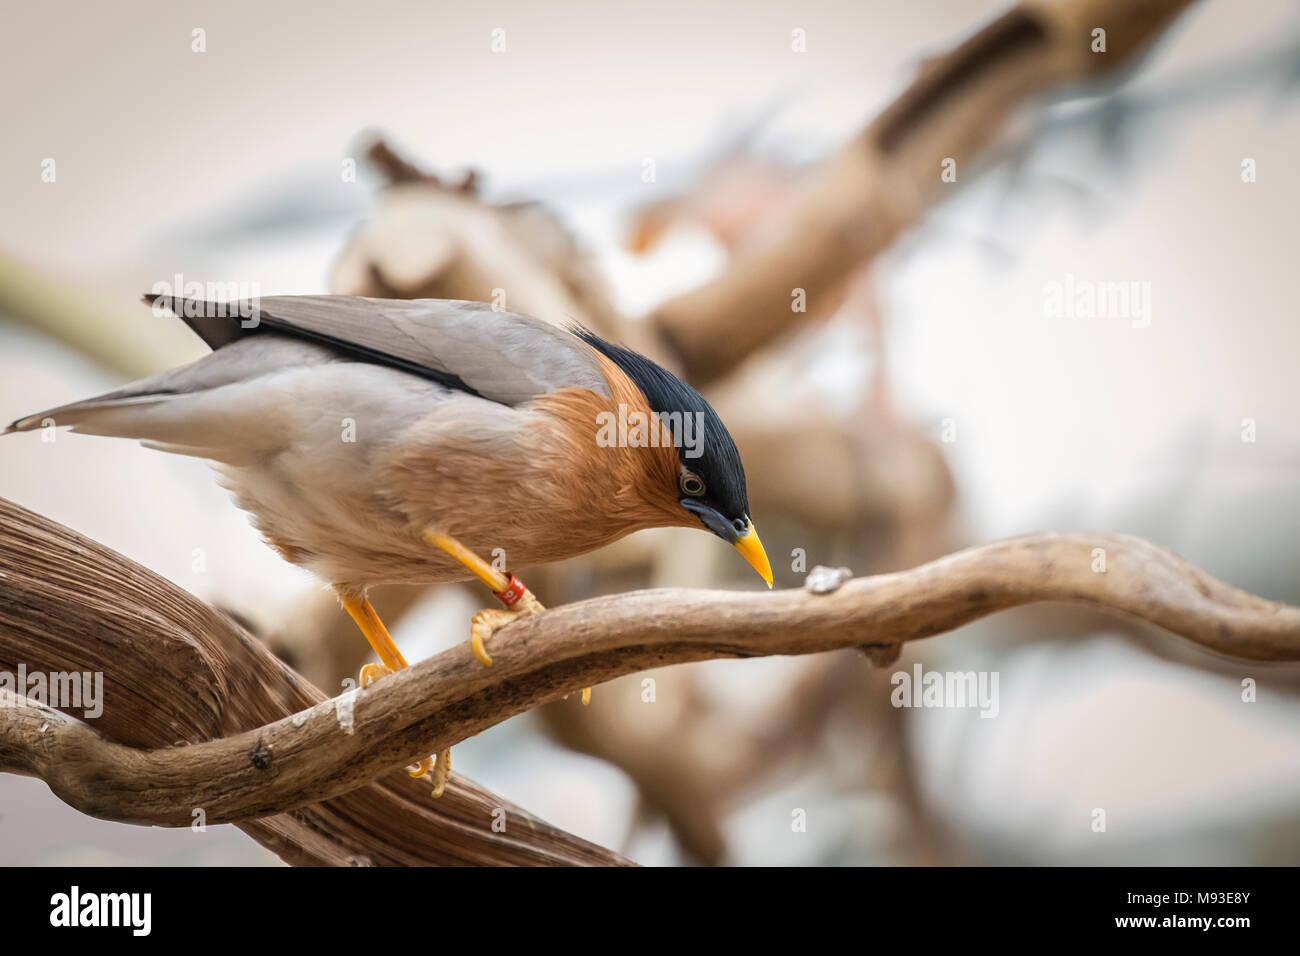 Brahminy myna bird - Stock Image